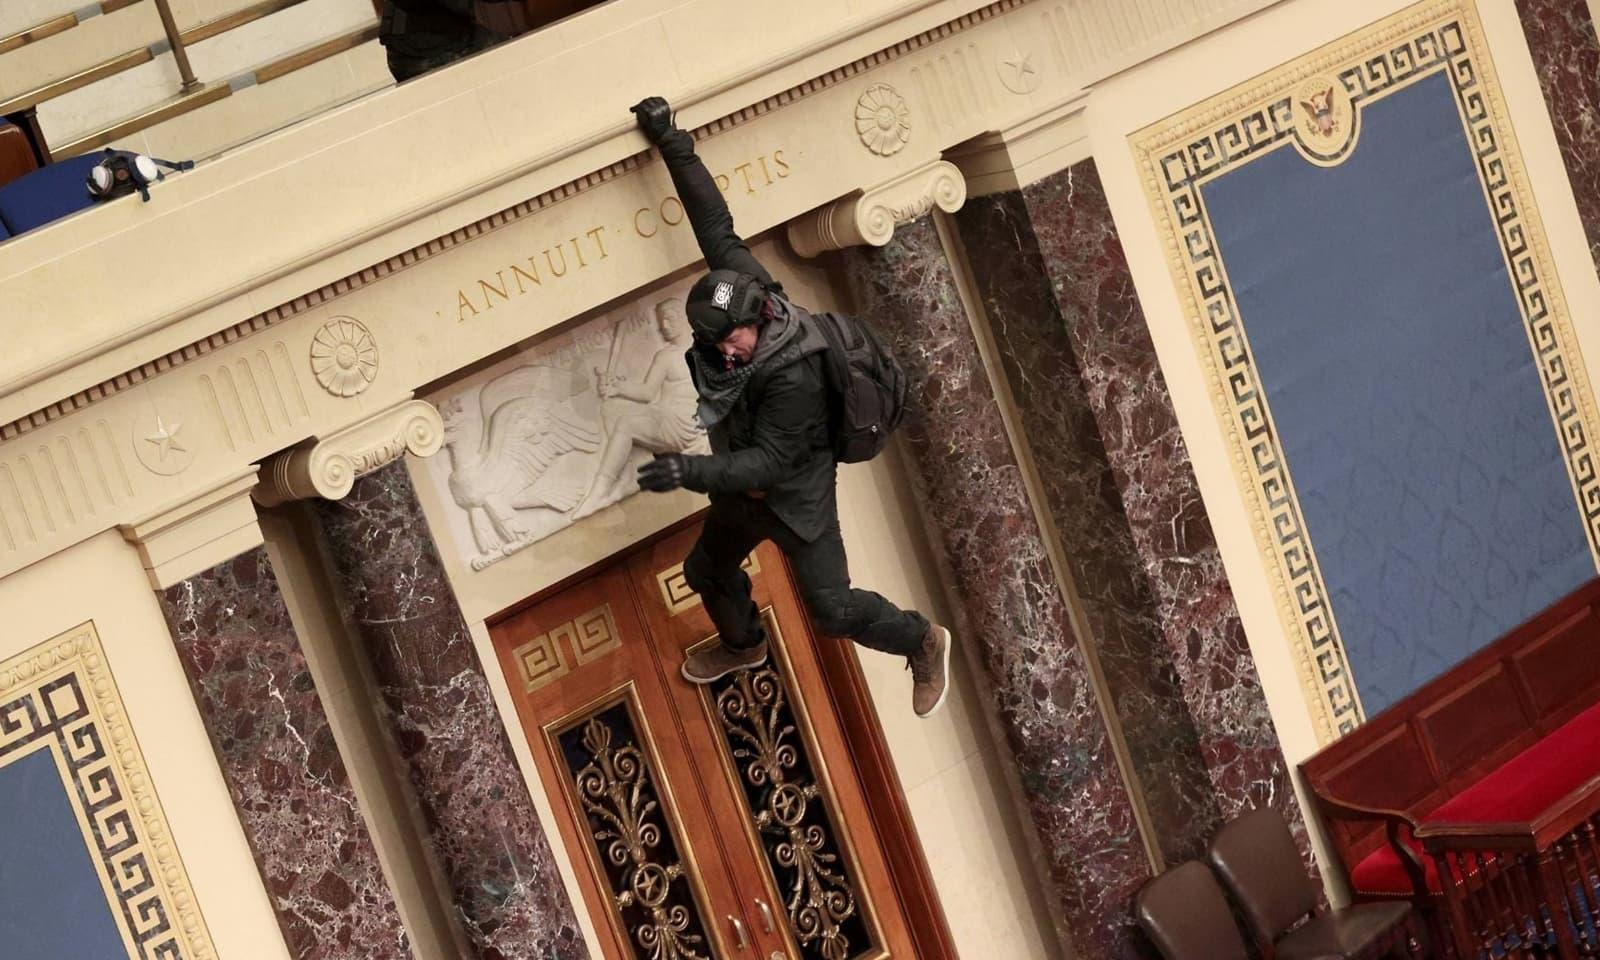 مظاہروں میں شریک ایک شخص سینیٹ چیمبر کی بالکونی پھلانگ رہا ہے— فوٹو:اے ایف پی